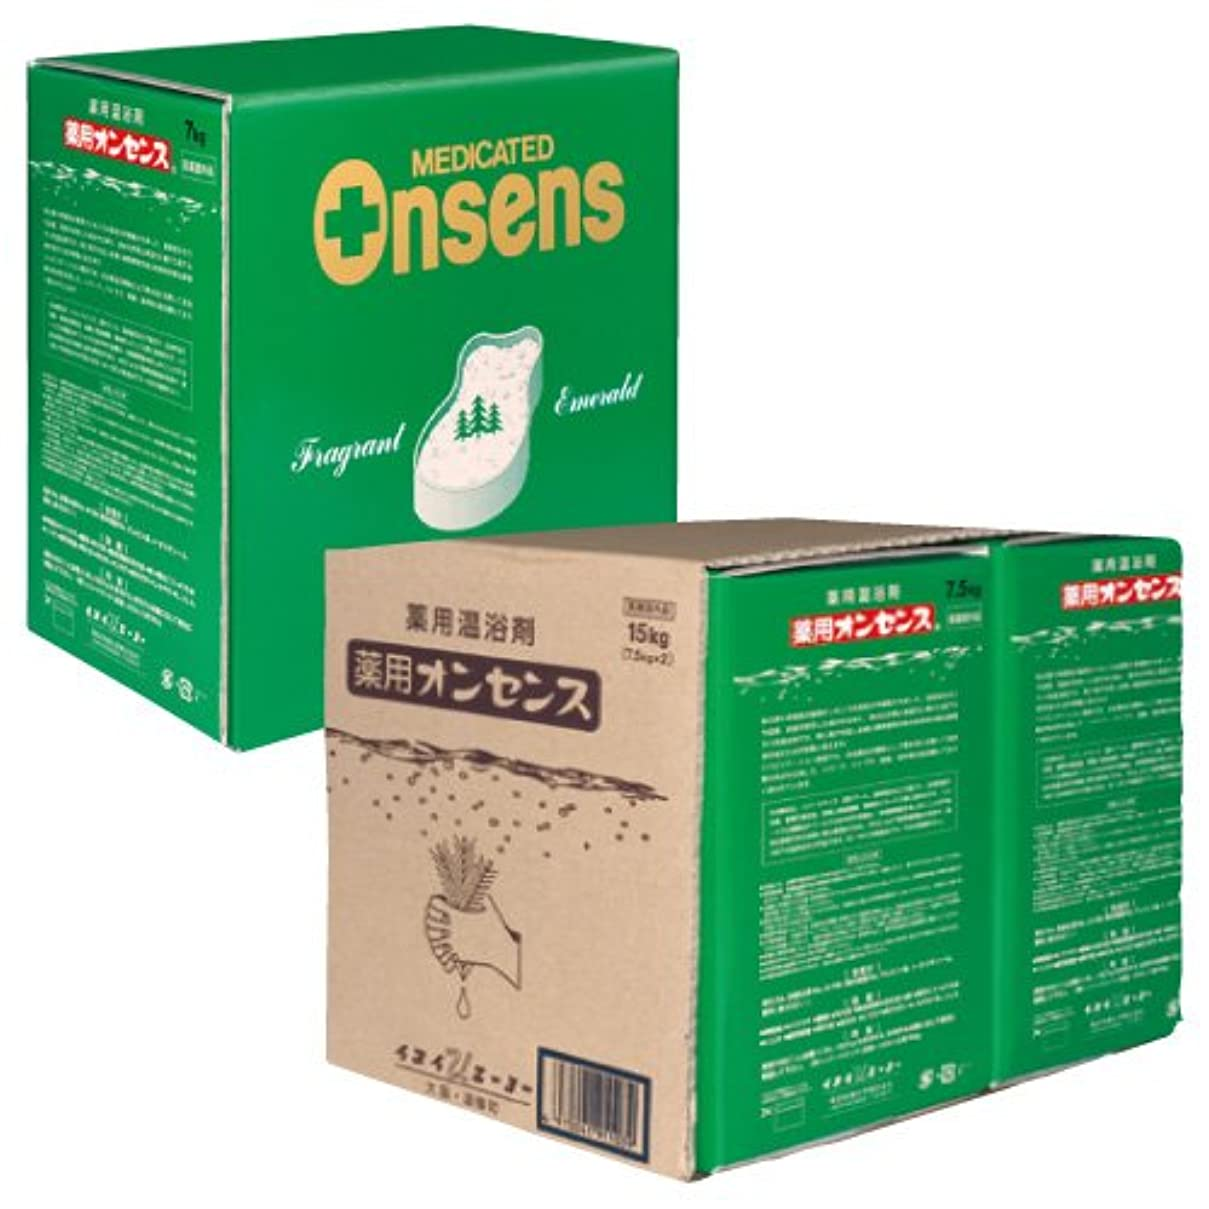 もっと少なく結晶レジ入浴剤 (薬用オンセンス) 7kg /7-2536-02